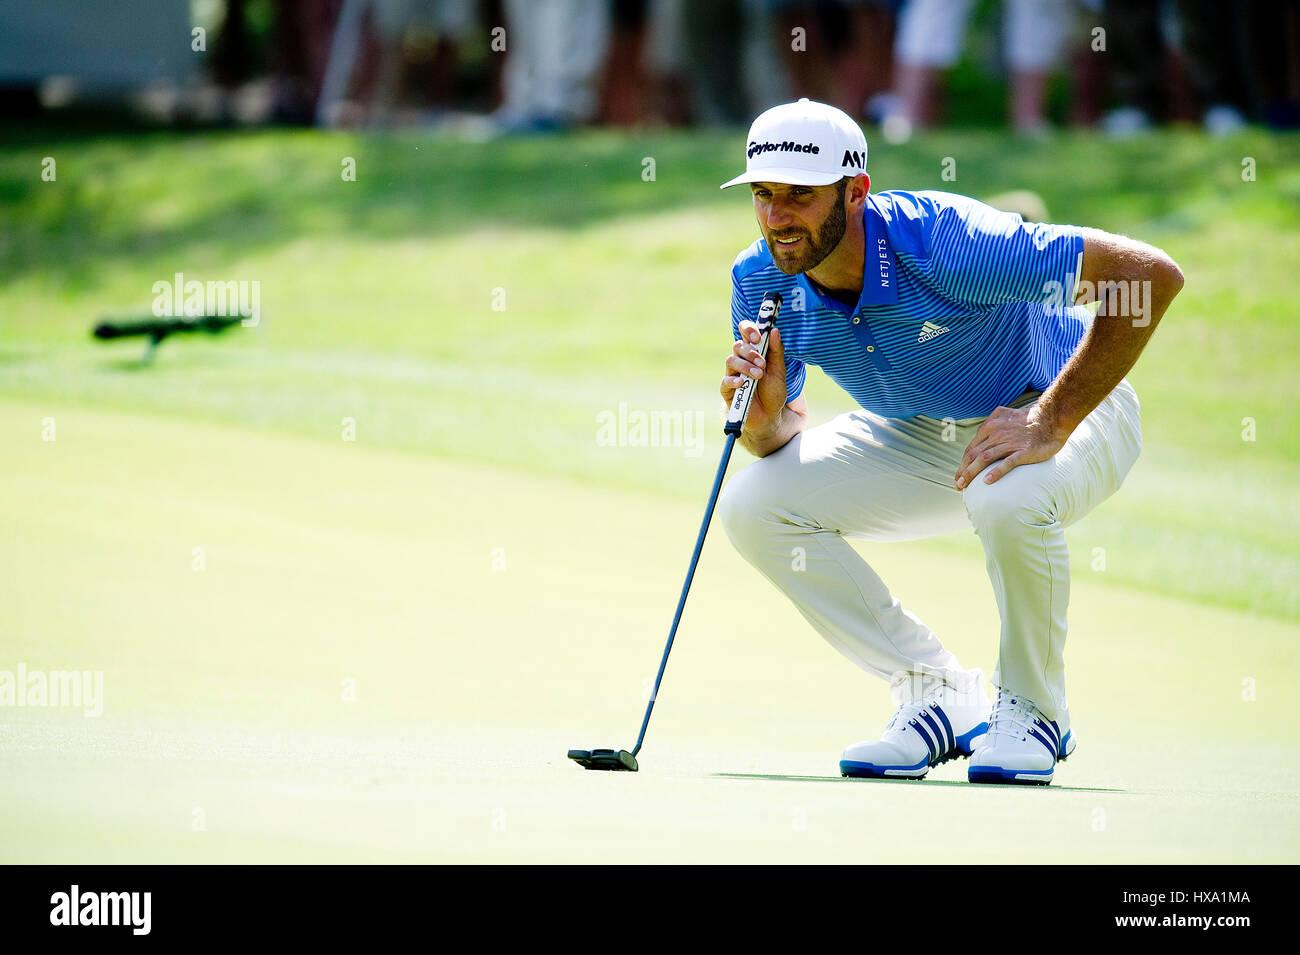 Austin, Texas, EE.UU. 26 de marzo de 2017. Dustin Johnson en acción en los Campeonatos del Mundo de Golf Tecnologías Imagen De Stock